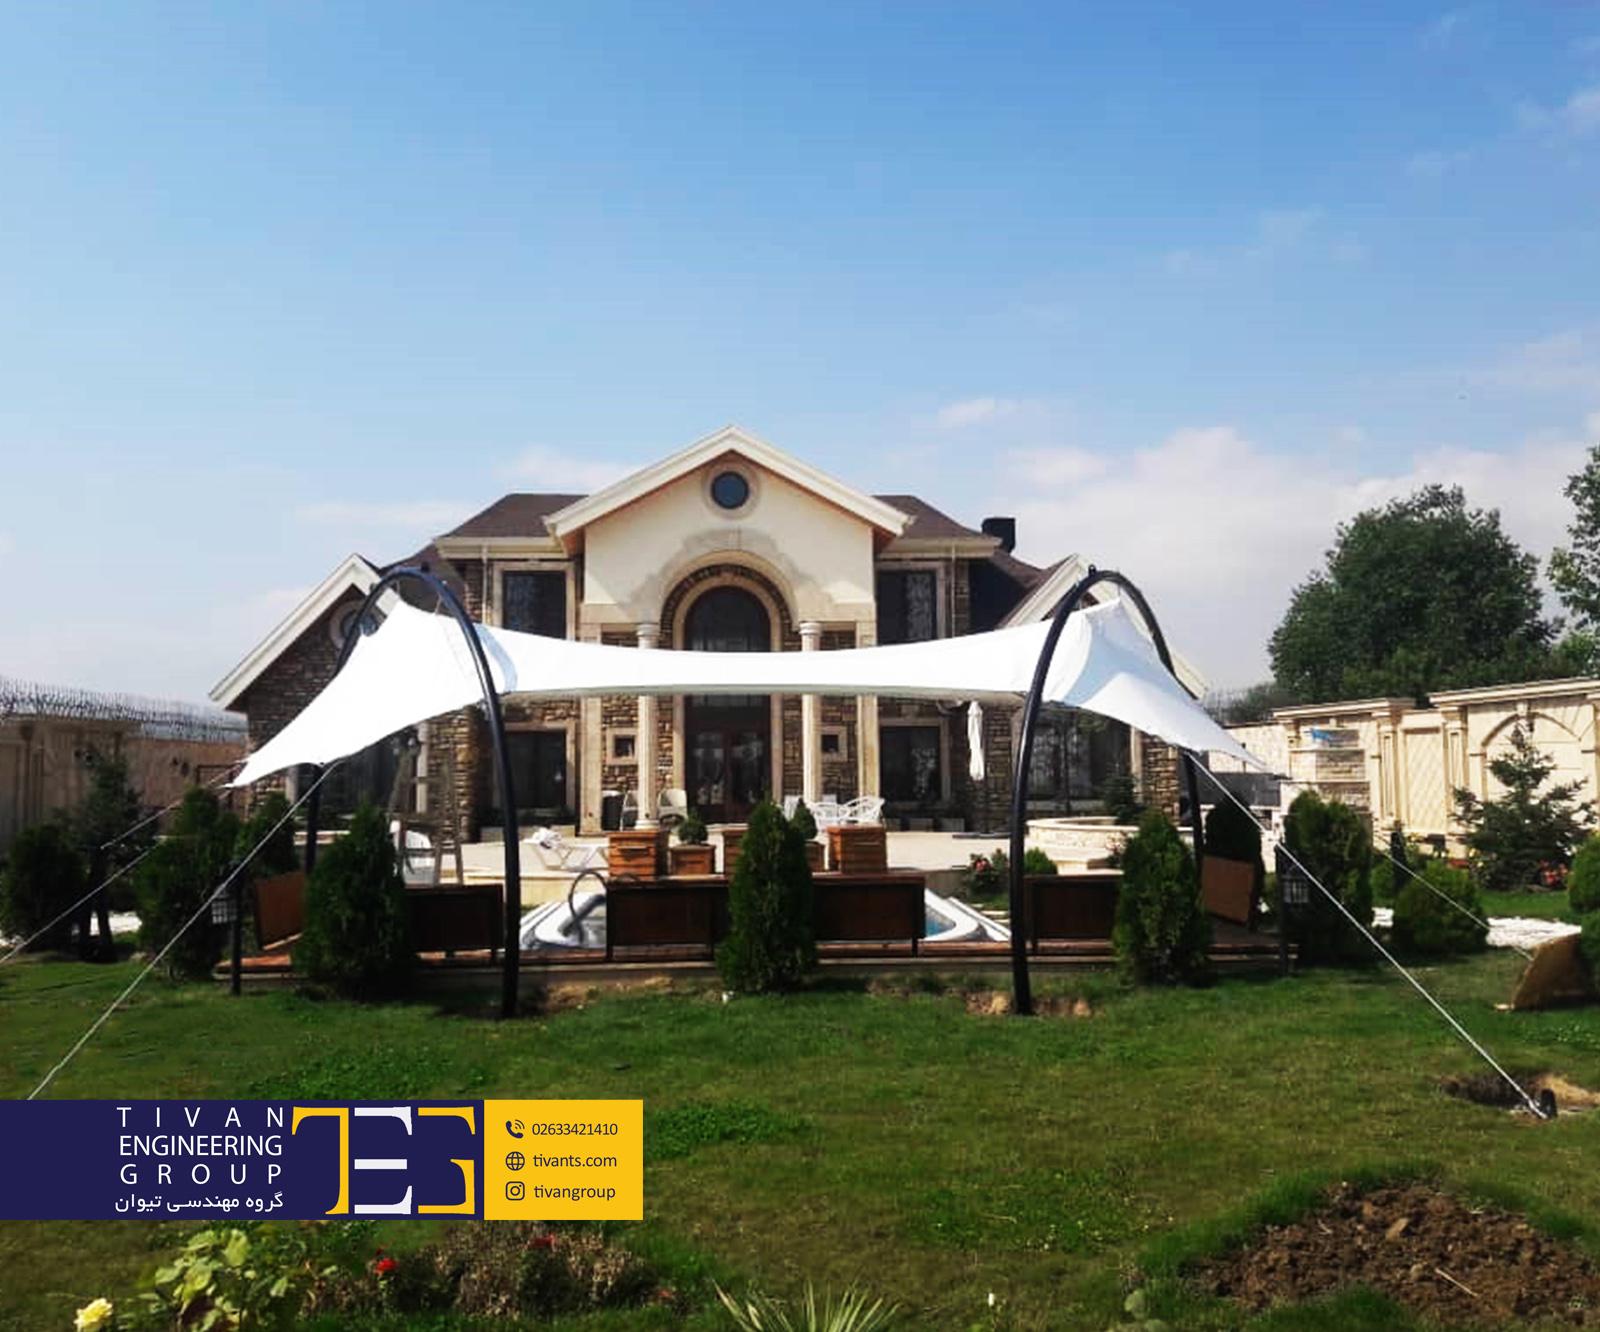 سایبان پارچه ای حیاط نمونه ای از سازه های سفارشی در سازه های چادری